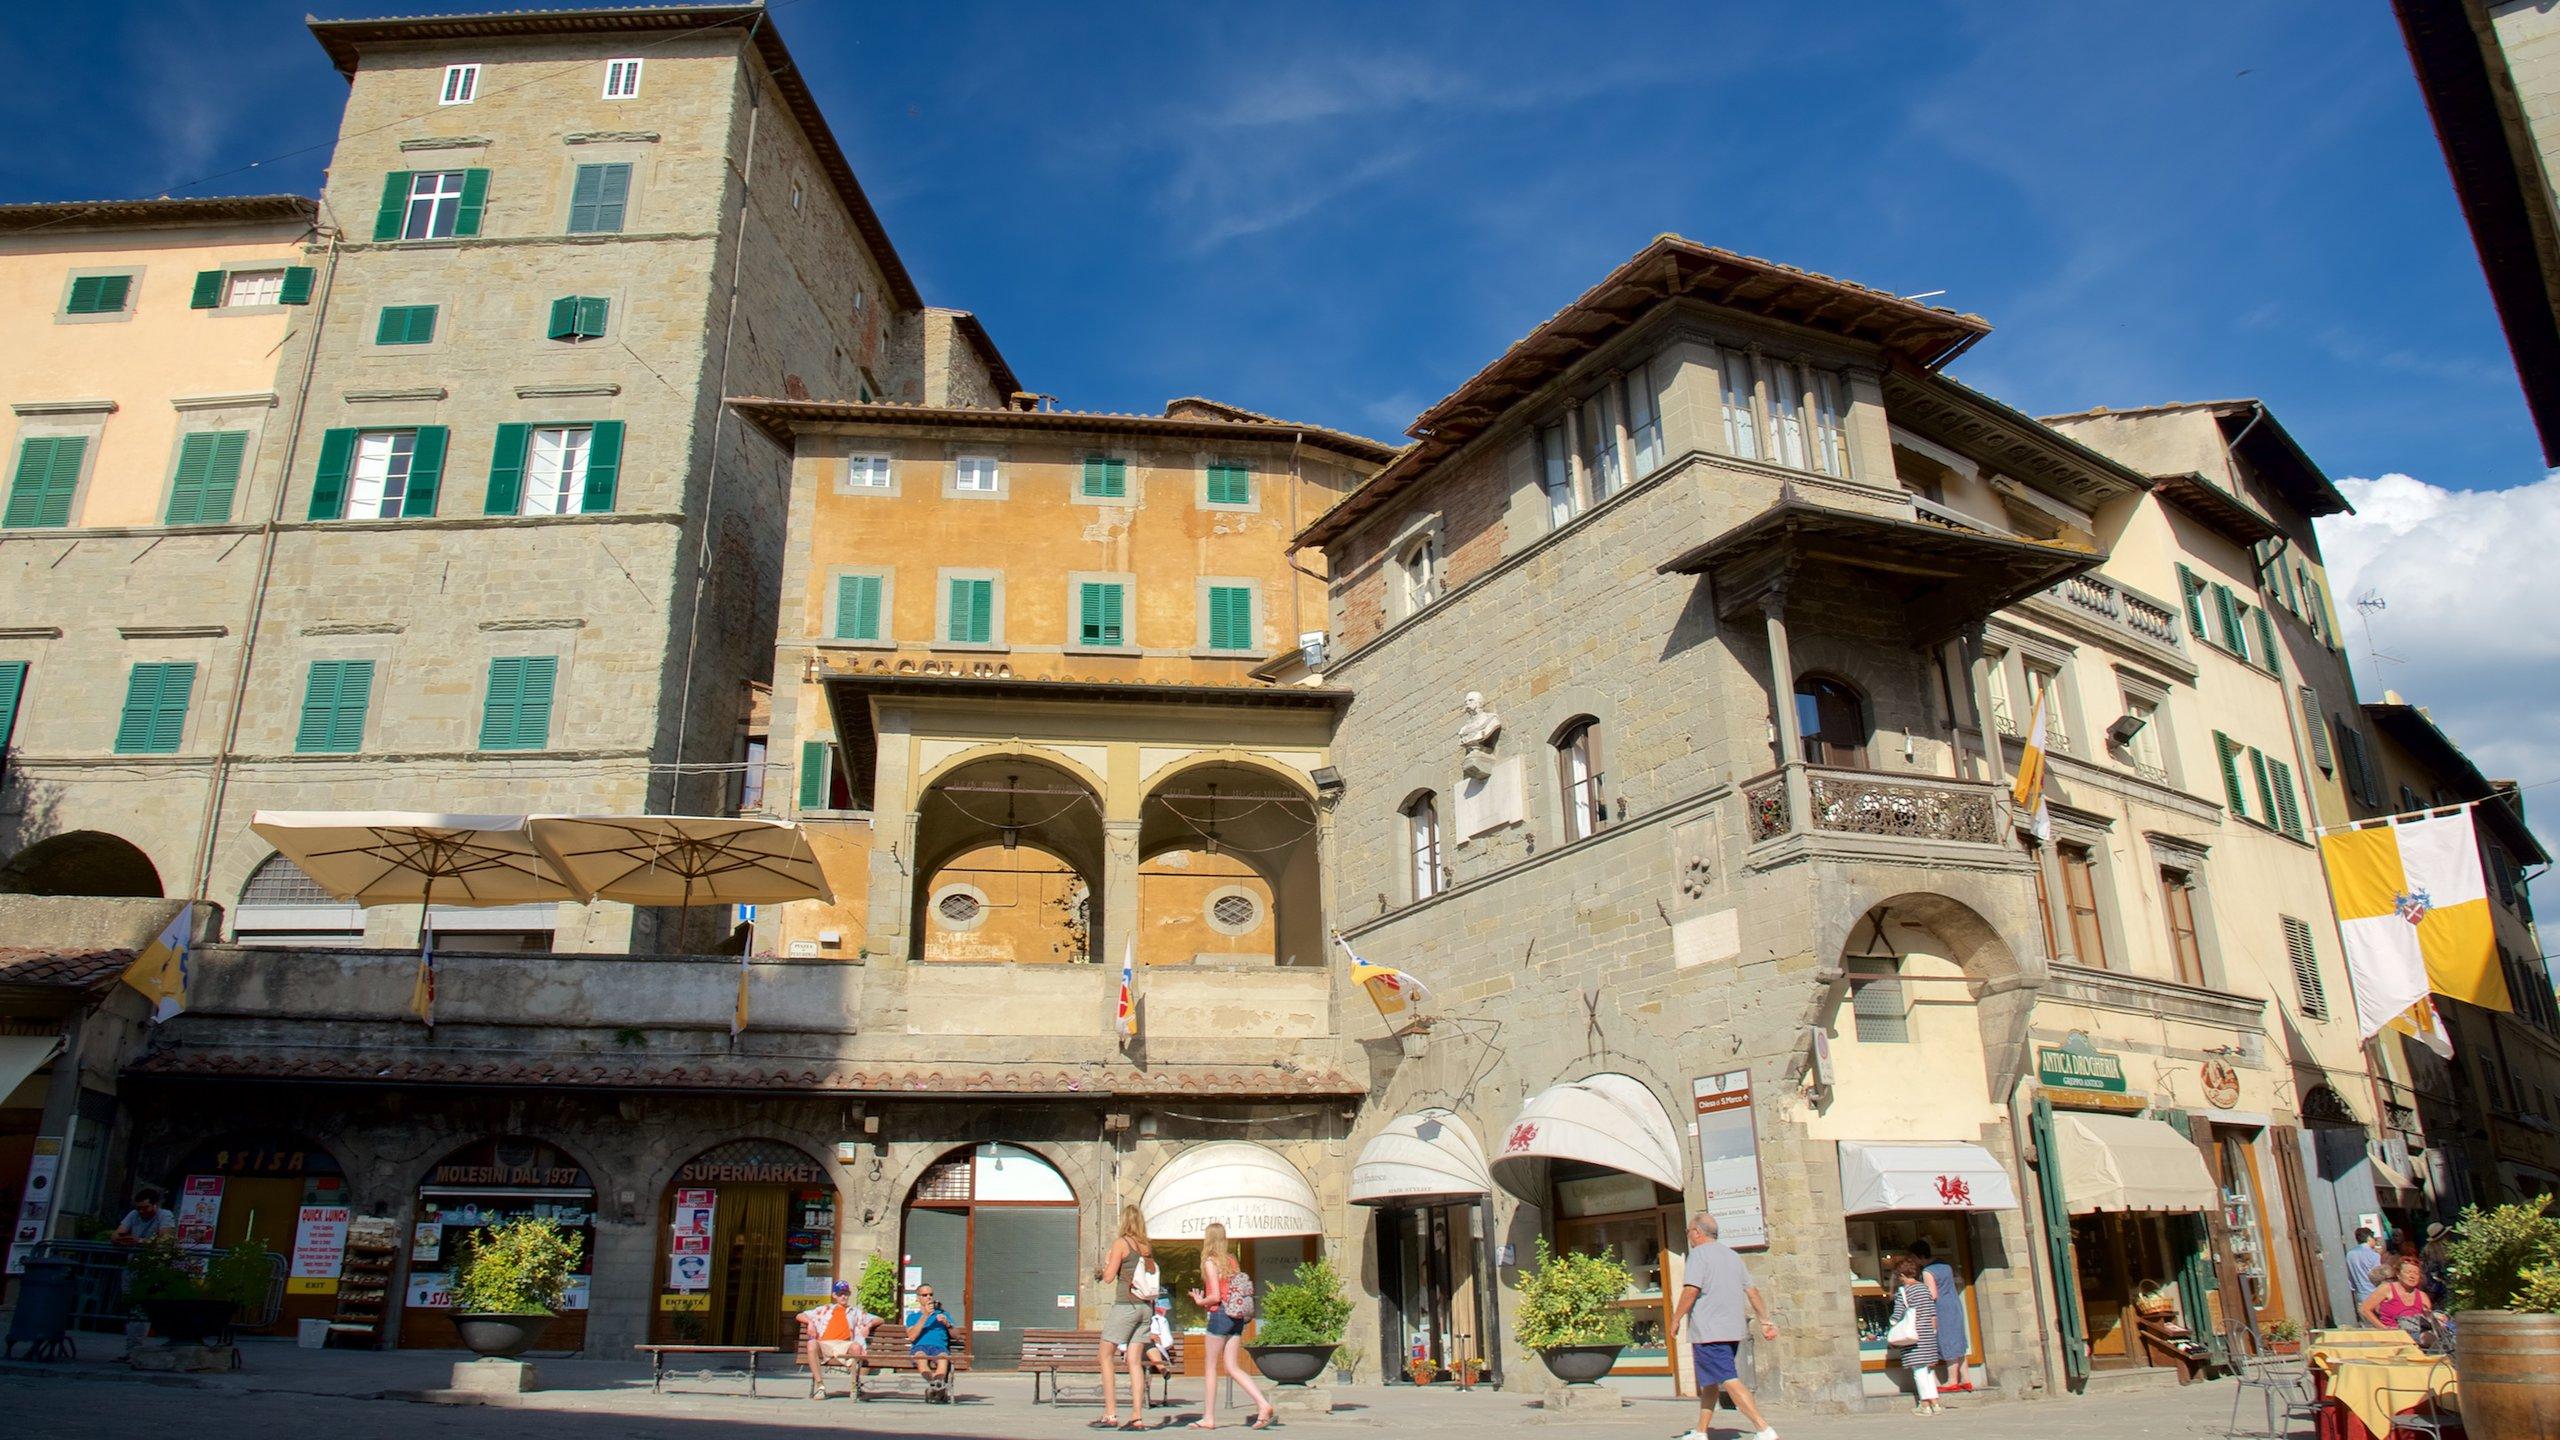 Province of Arezzo, Tuscany, Italy